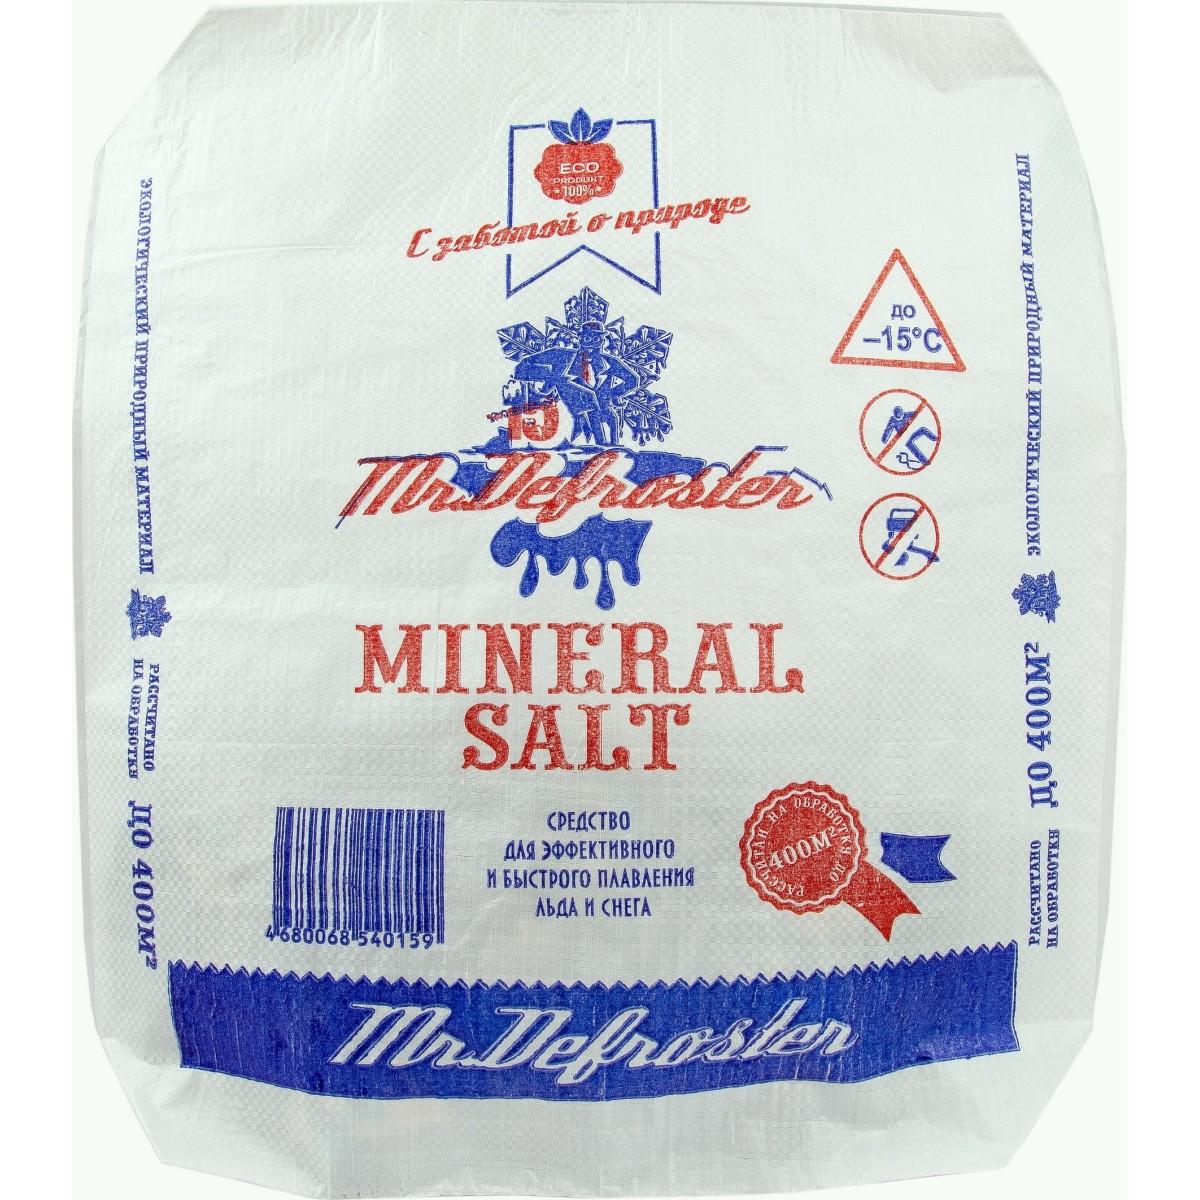 Противогололедный реагент Минеральная соль 20 кг